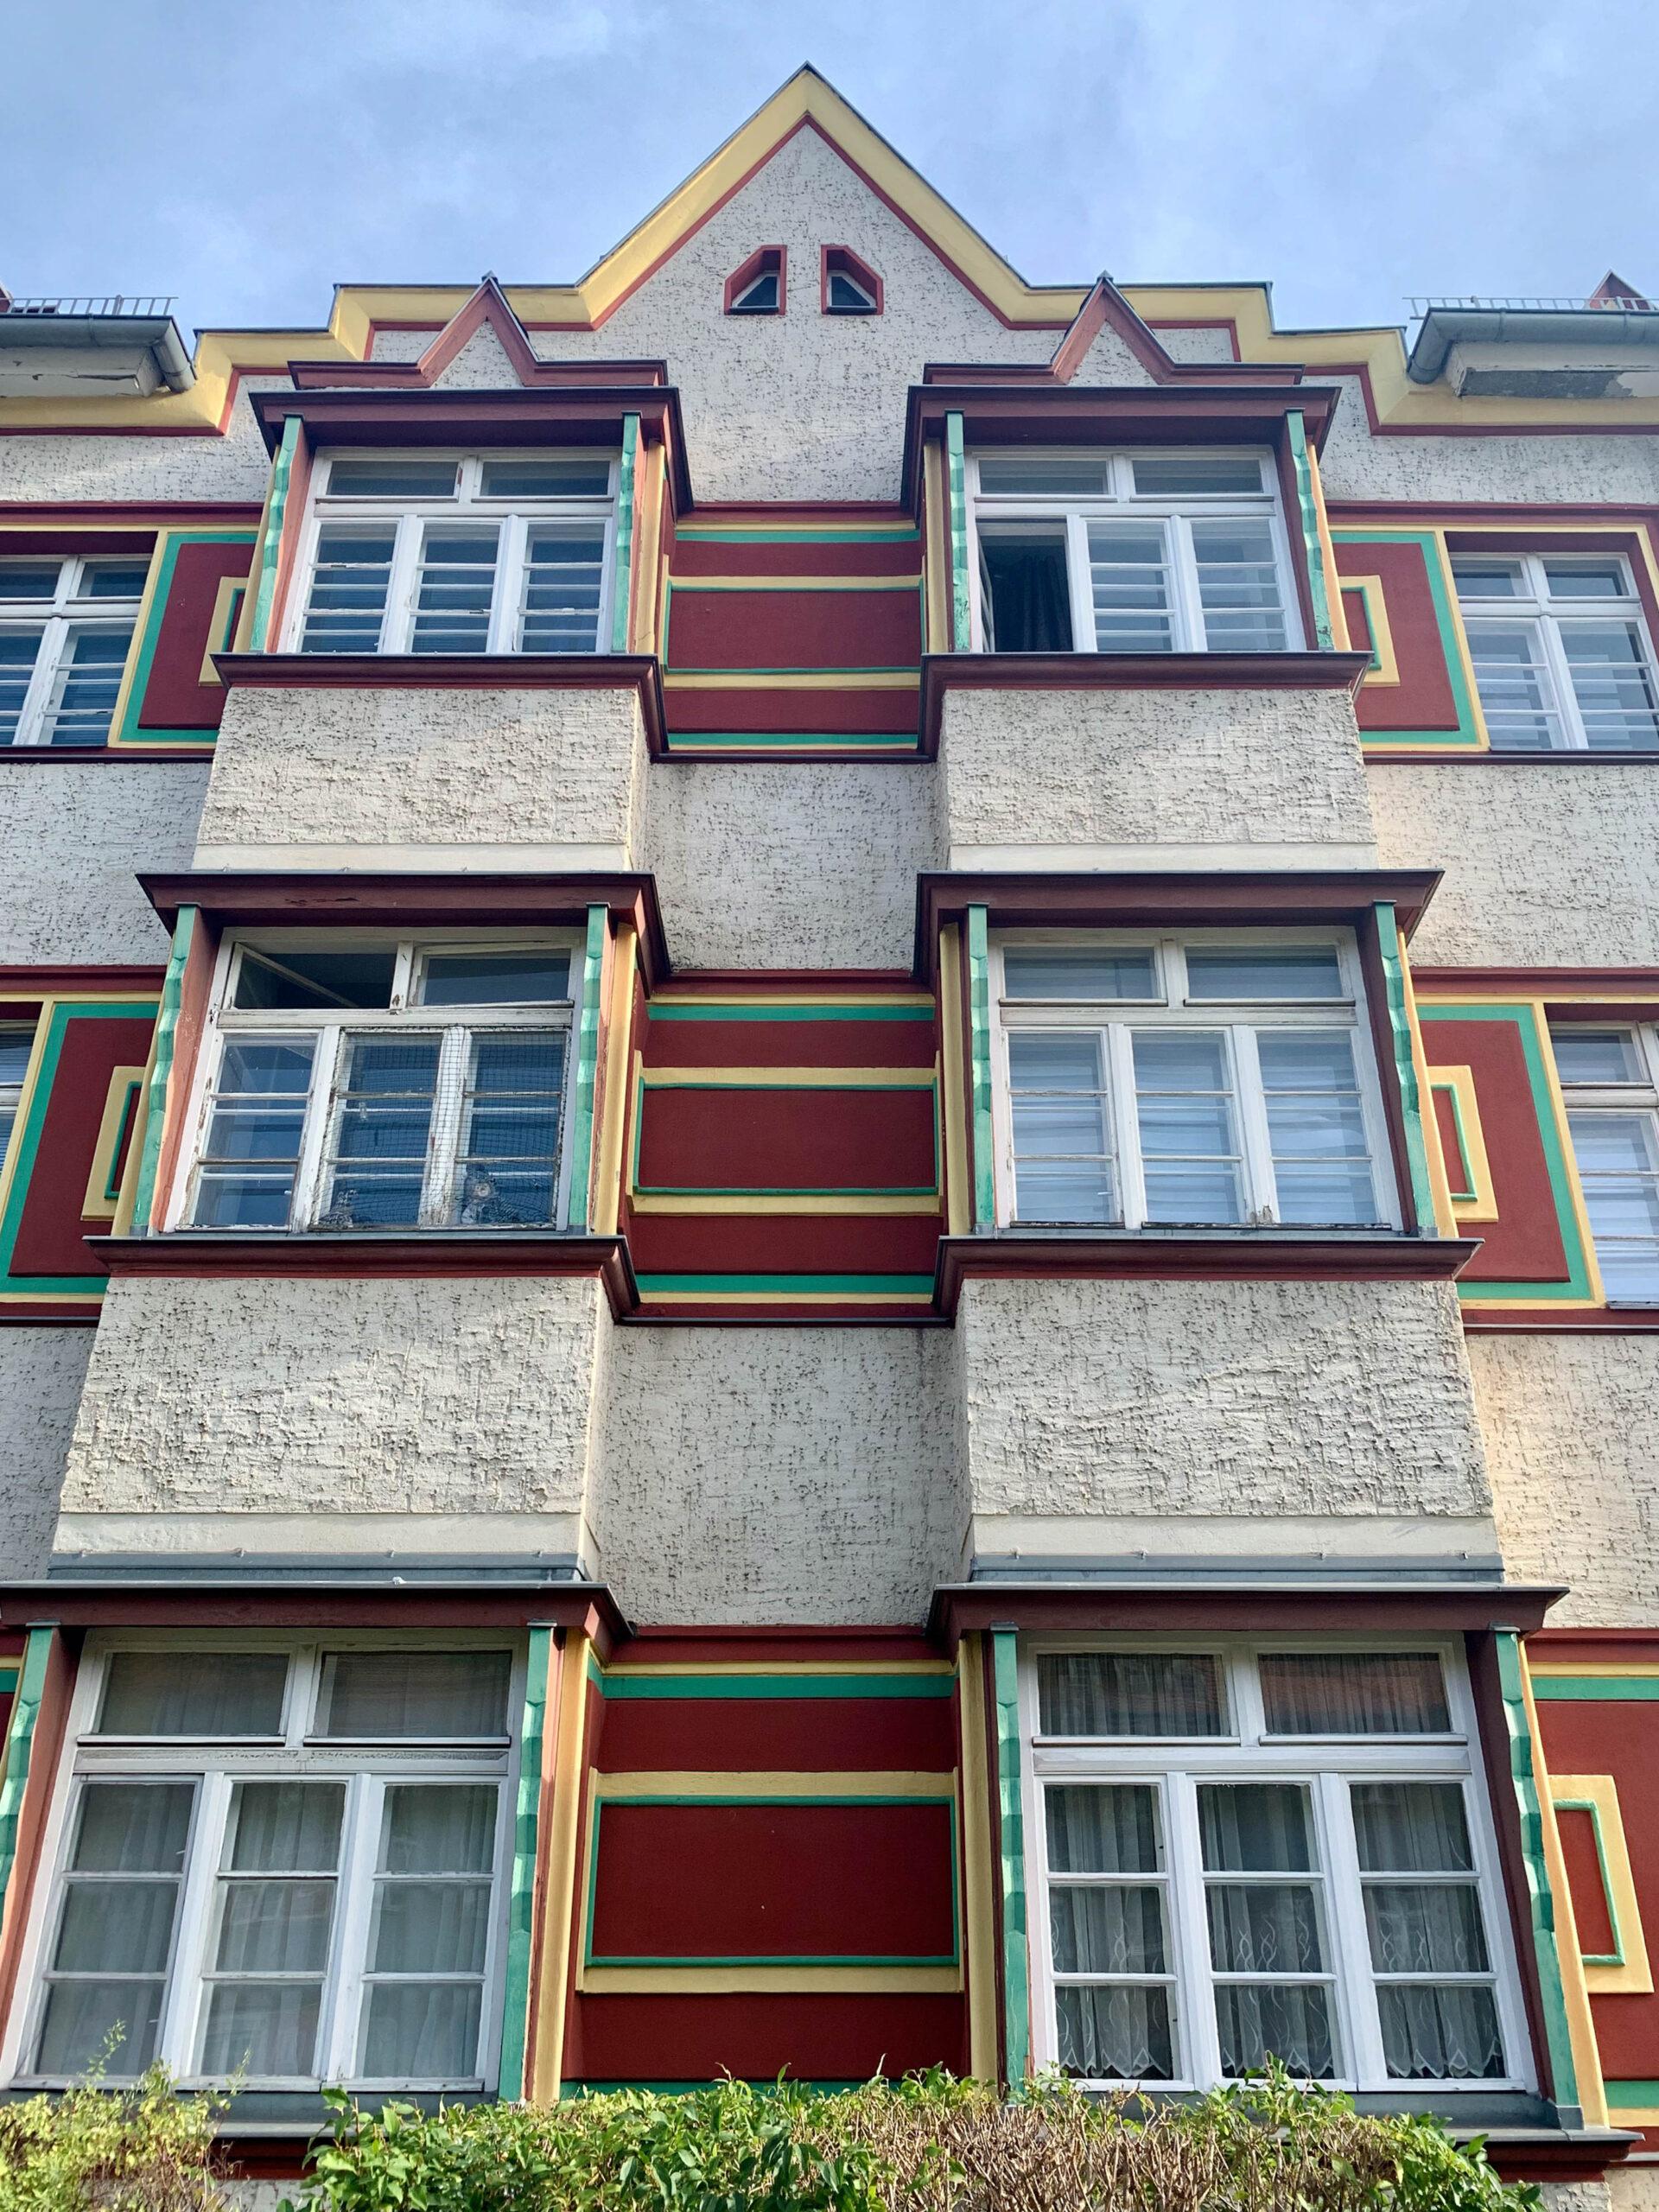 Siedlung Zeppelinstraße, 1926-1927. Architekt: Richard Ermisch